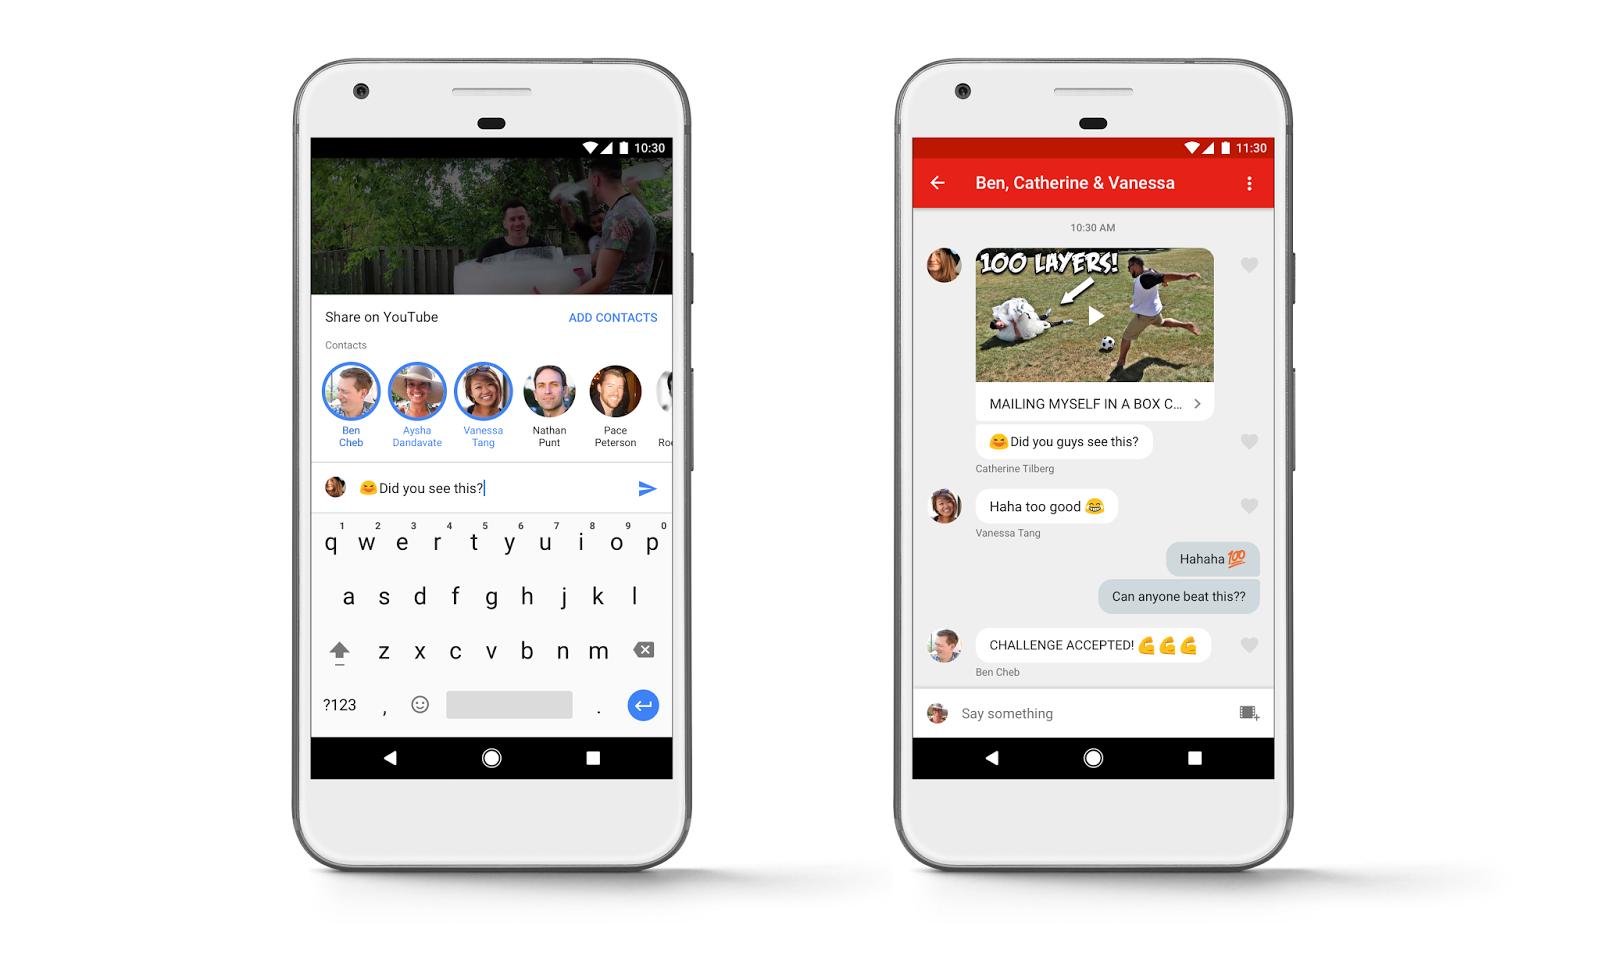 يوتيوب تعلن عن ميزة جديدة لمشاركة الفيديو و الدردشة داخل التطبيق - عالم التقنية